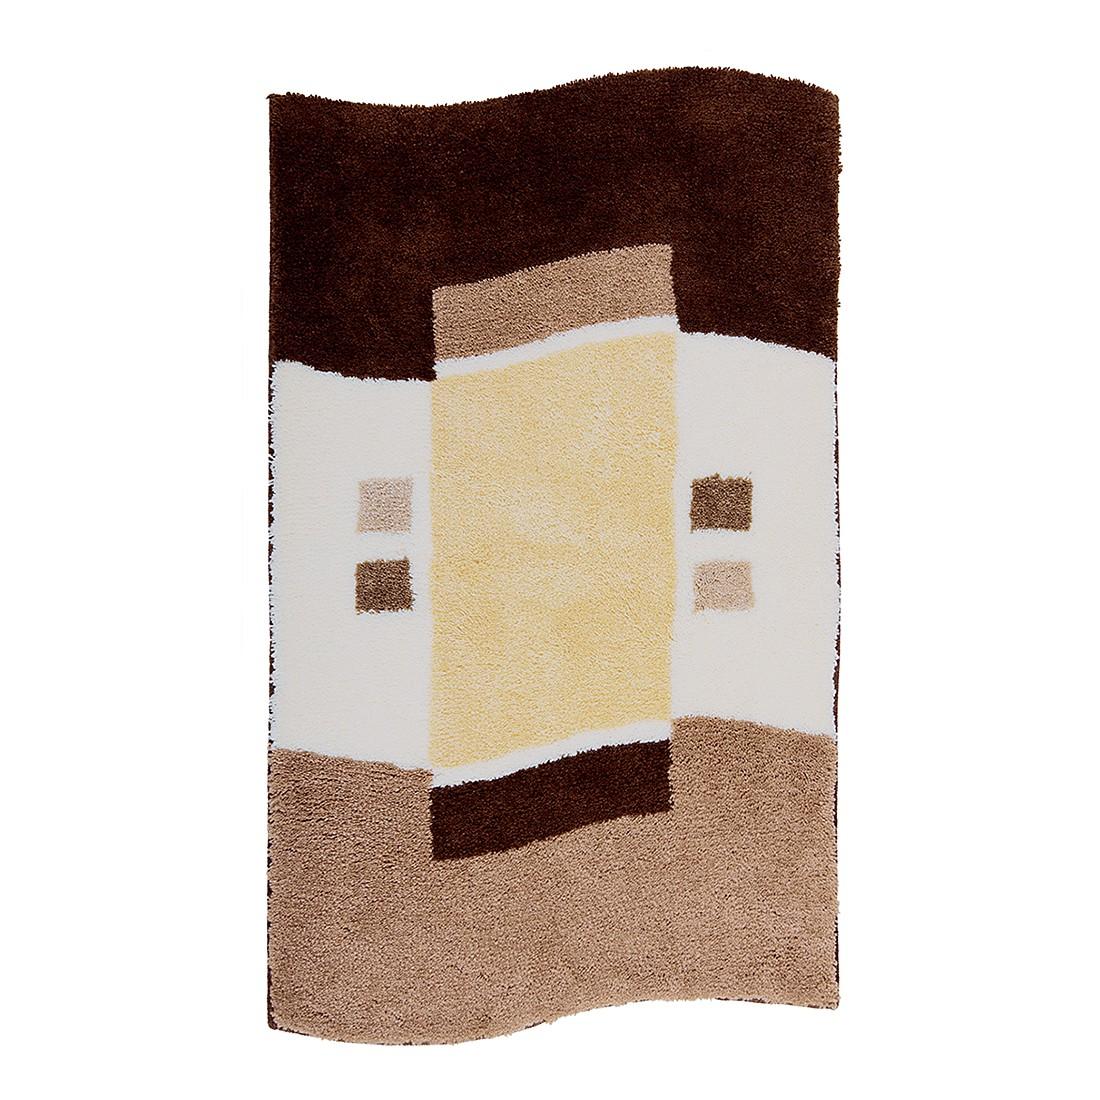 badteppich lugano braun wc vorlage ohne ausschnitt grund g nstig kaufen. Black Bedroom Furniture Sets. Home Design Ideas